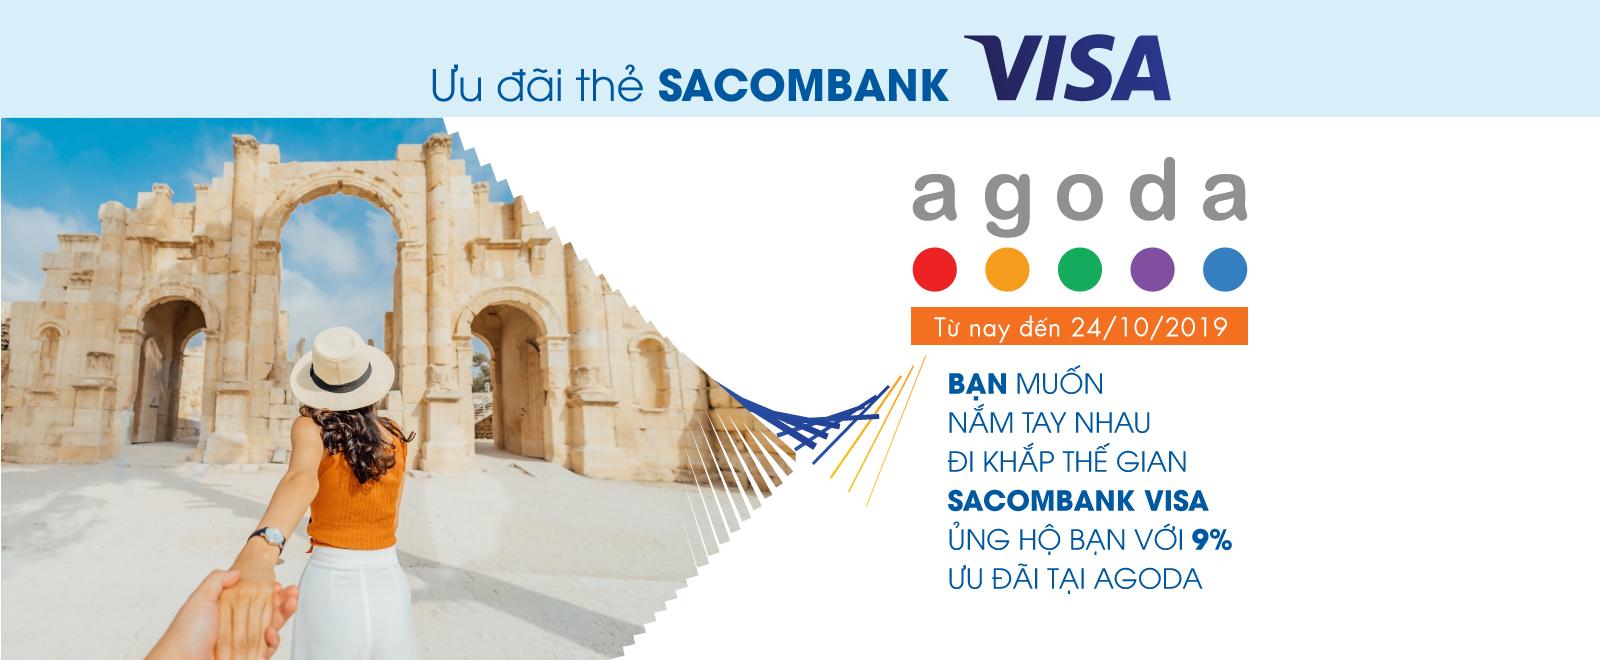 Sacombak Visa ủng hộ bạn với 9% ưu đãi tại Agoda